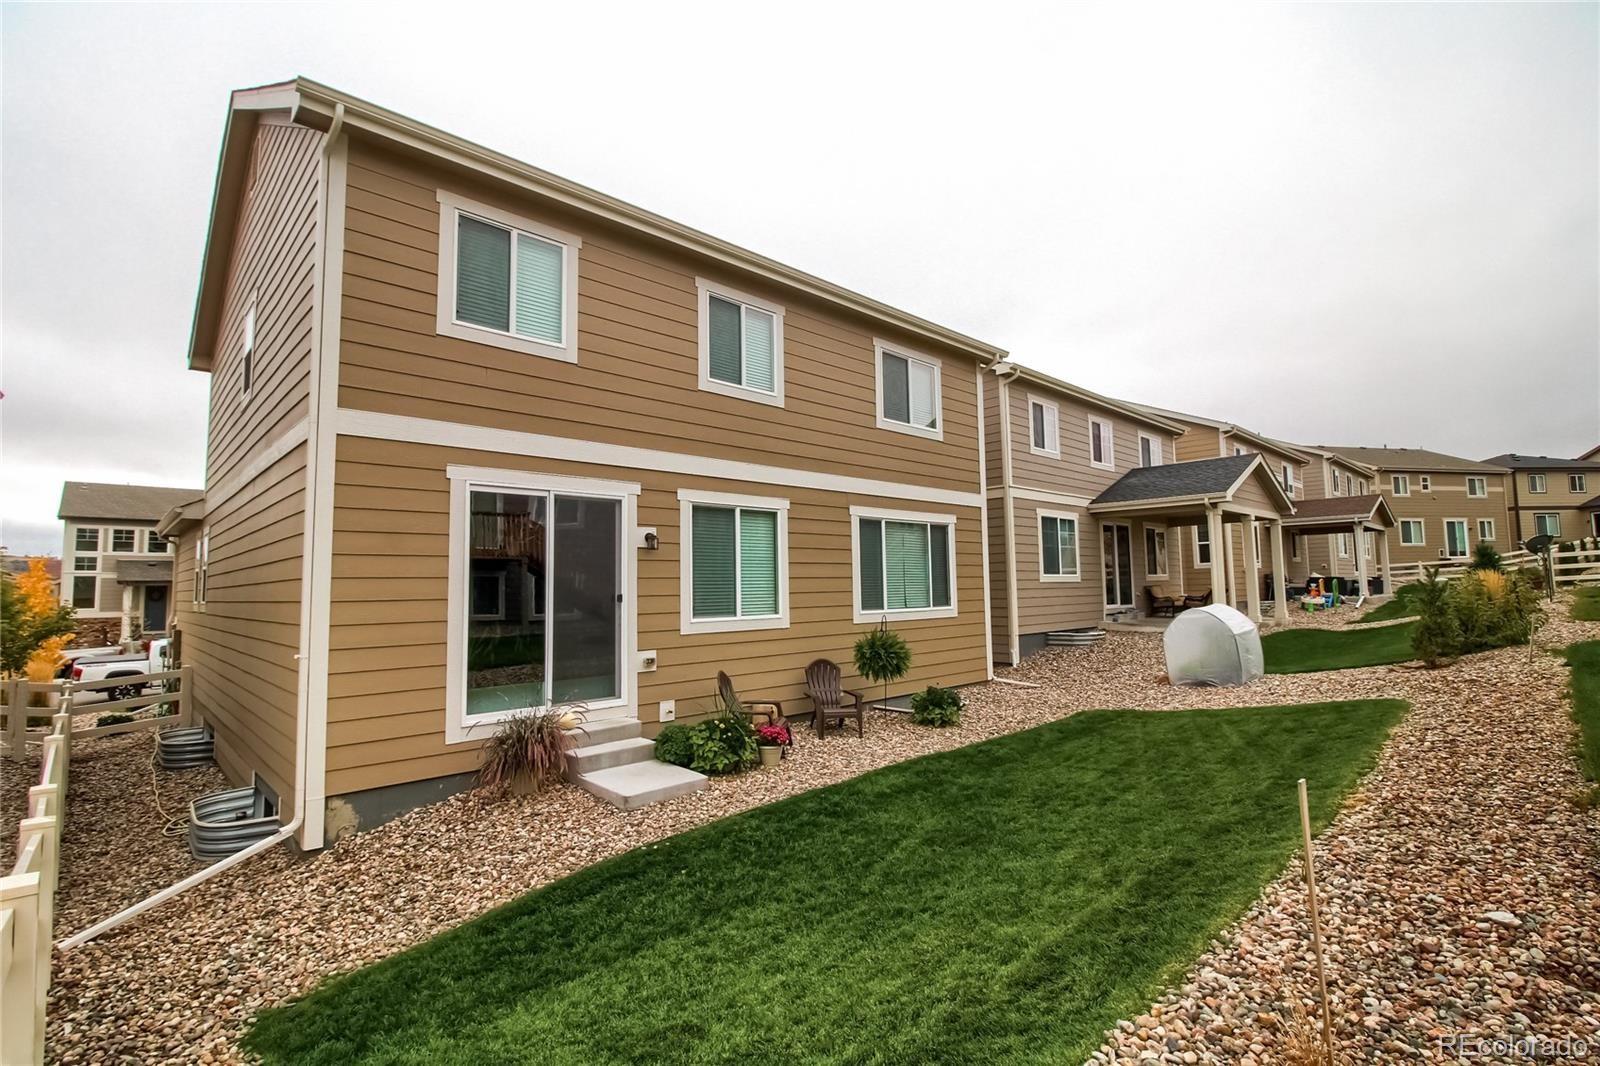 MLS# 4625079 - 25 - 2705 Garganey Drive, Castle Rock, CO 80104